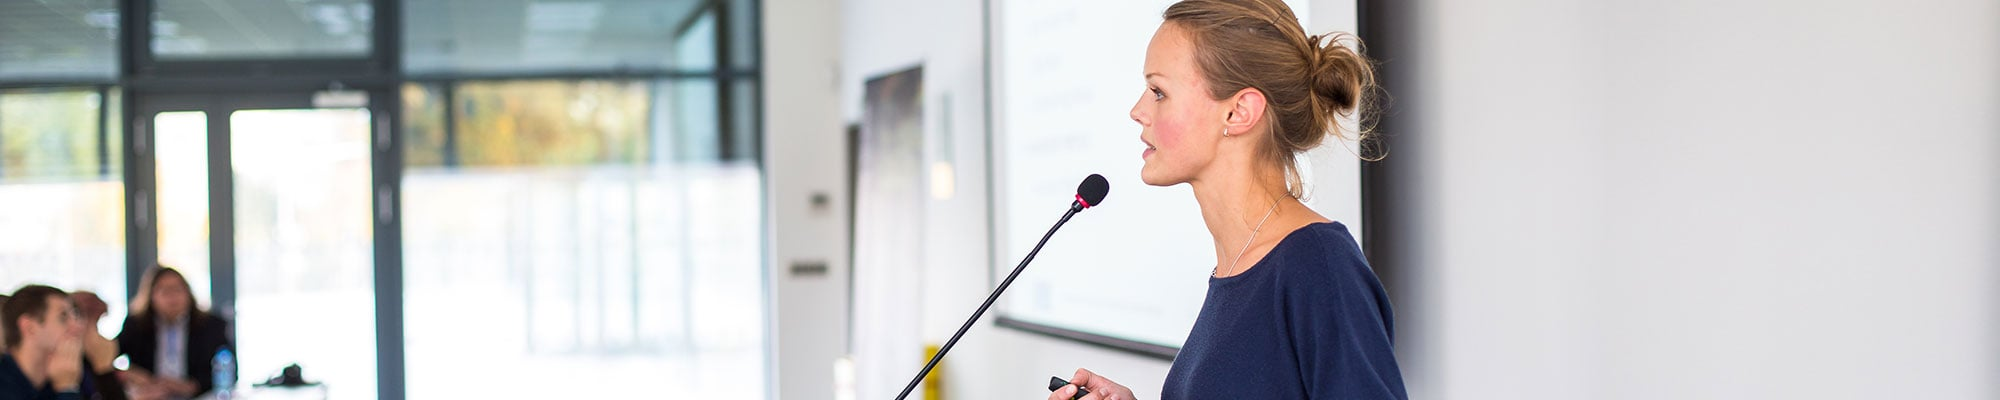 Women's Leadership Institute - Keynotes